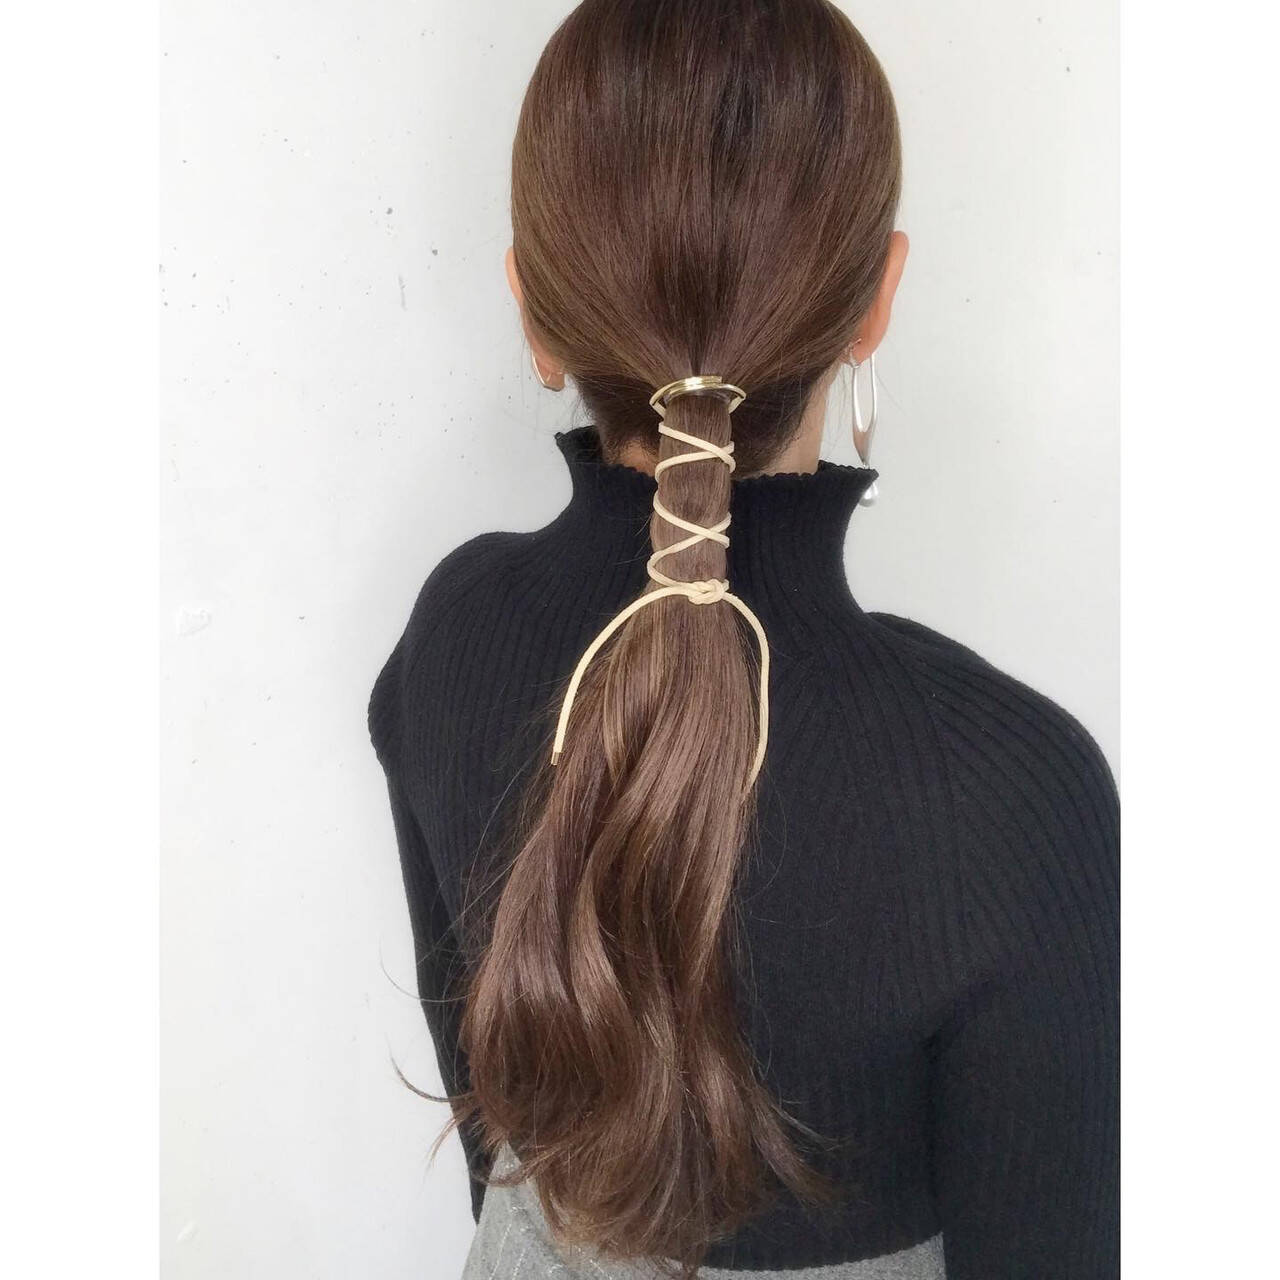 ロング 可愛い 簡単ヘアアレンジ ヘアアレンジヘアスタイルや髪型の写真・画像